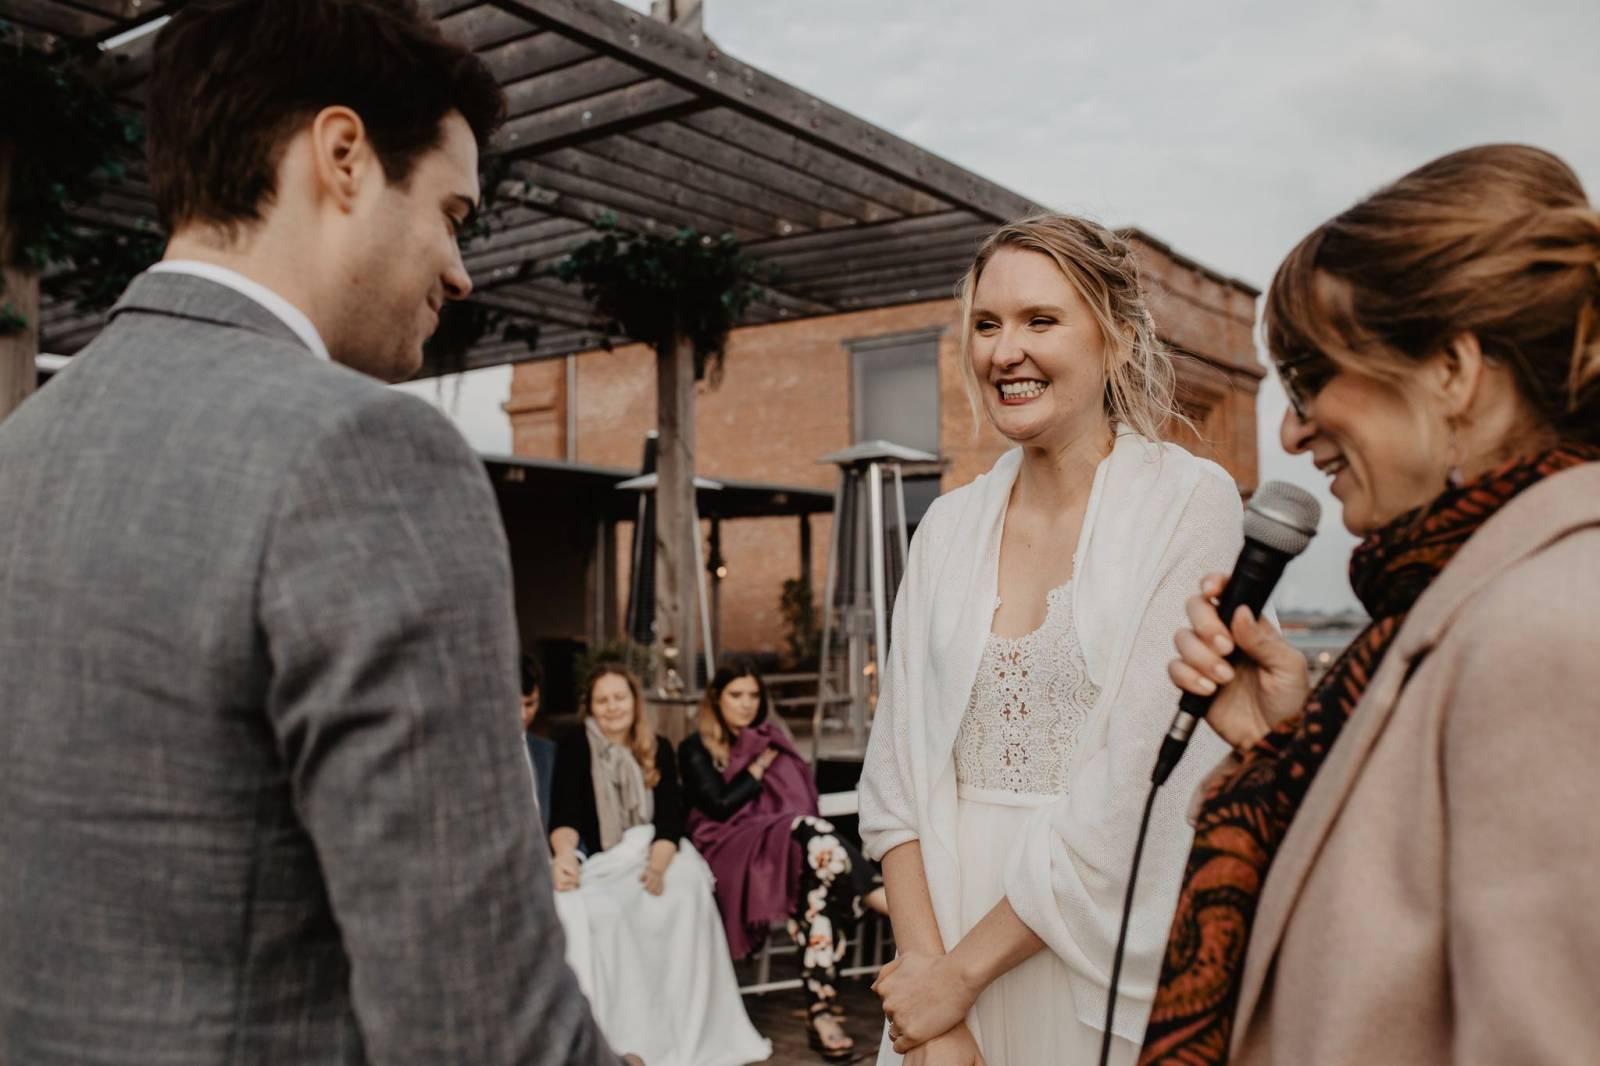 Woorden van Eva - Ceremoniespreker - Fotograaf Anneleen Jegers Photography - House of Weddings - 6